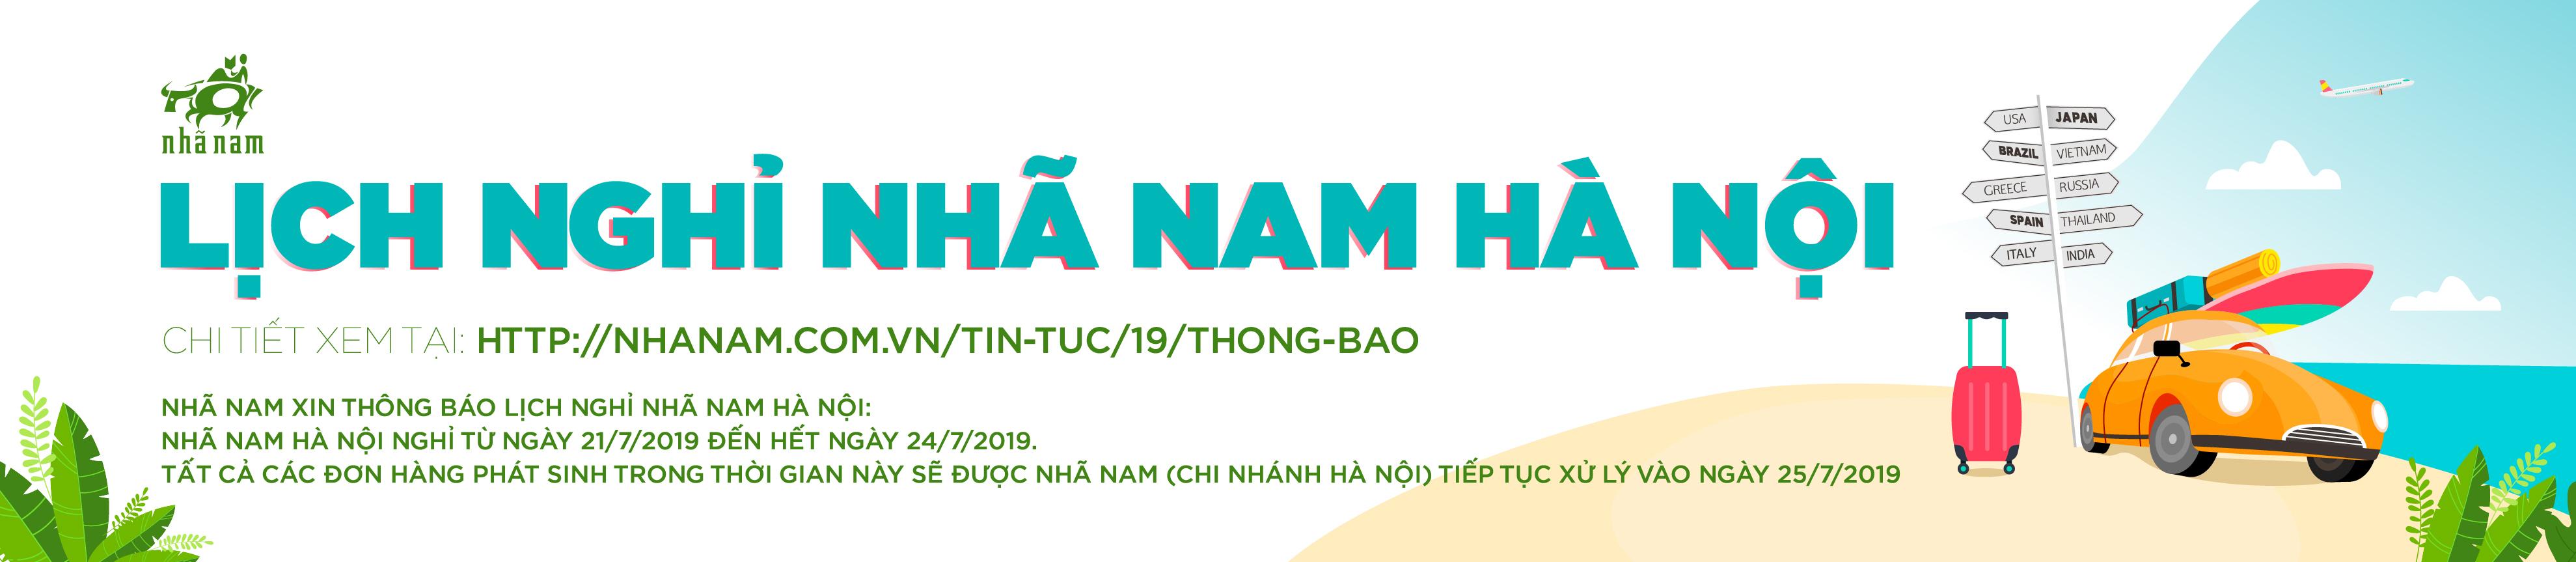 Lịch nghỉ mát Hà Nội